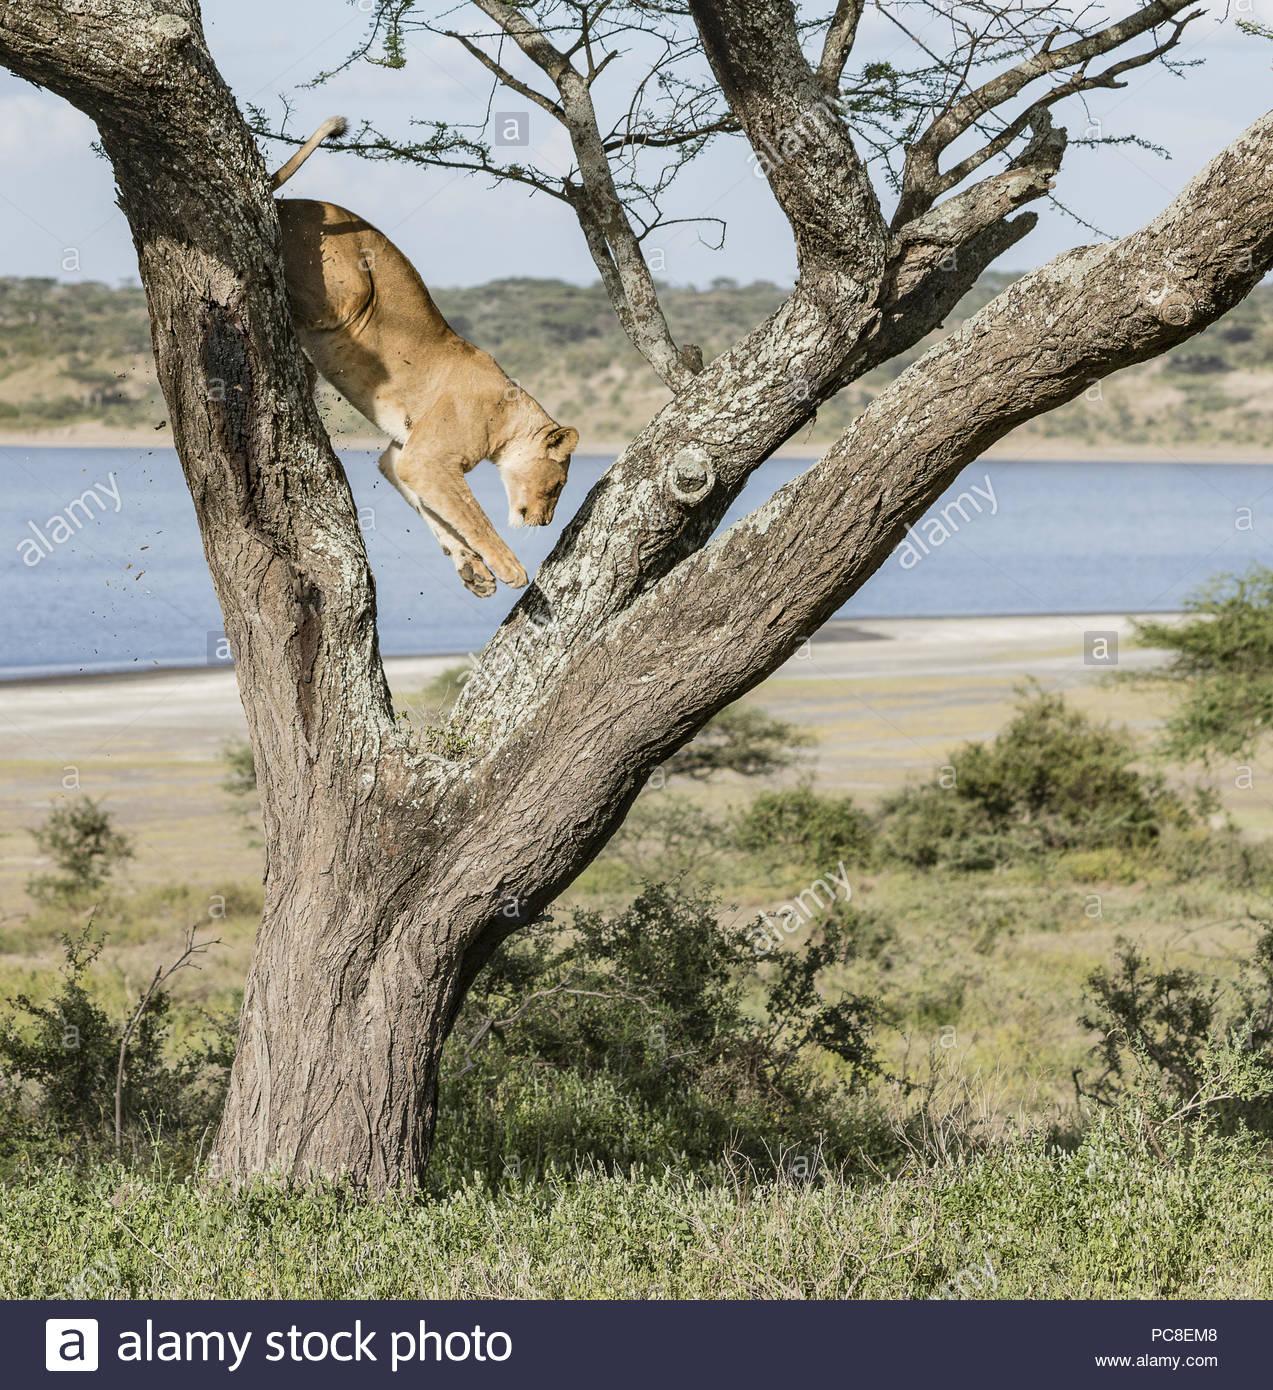 Una leonessa salta giù dall'arto di un albero di acacia. Immagini Stock